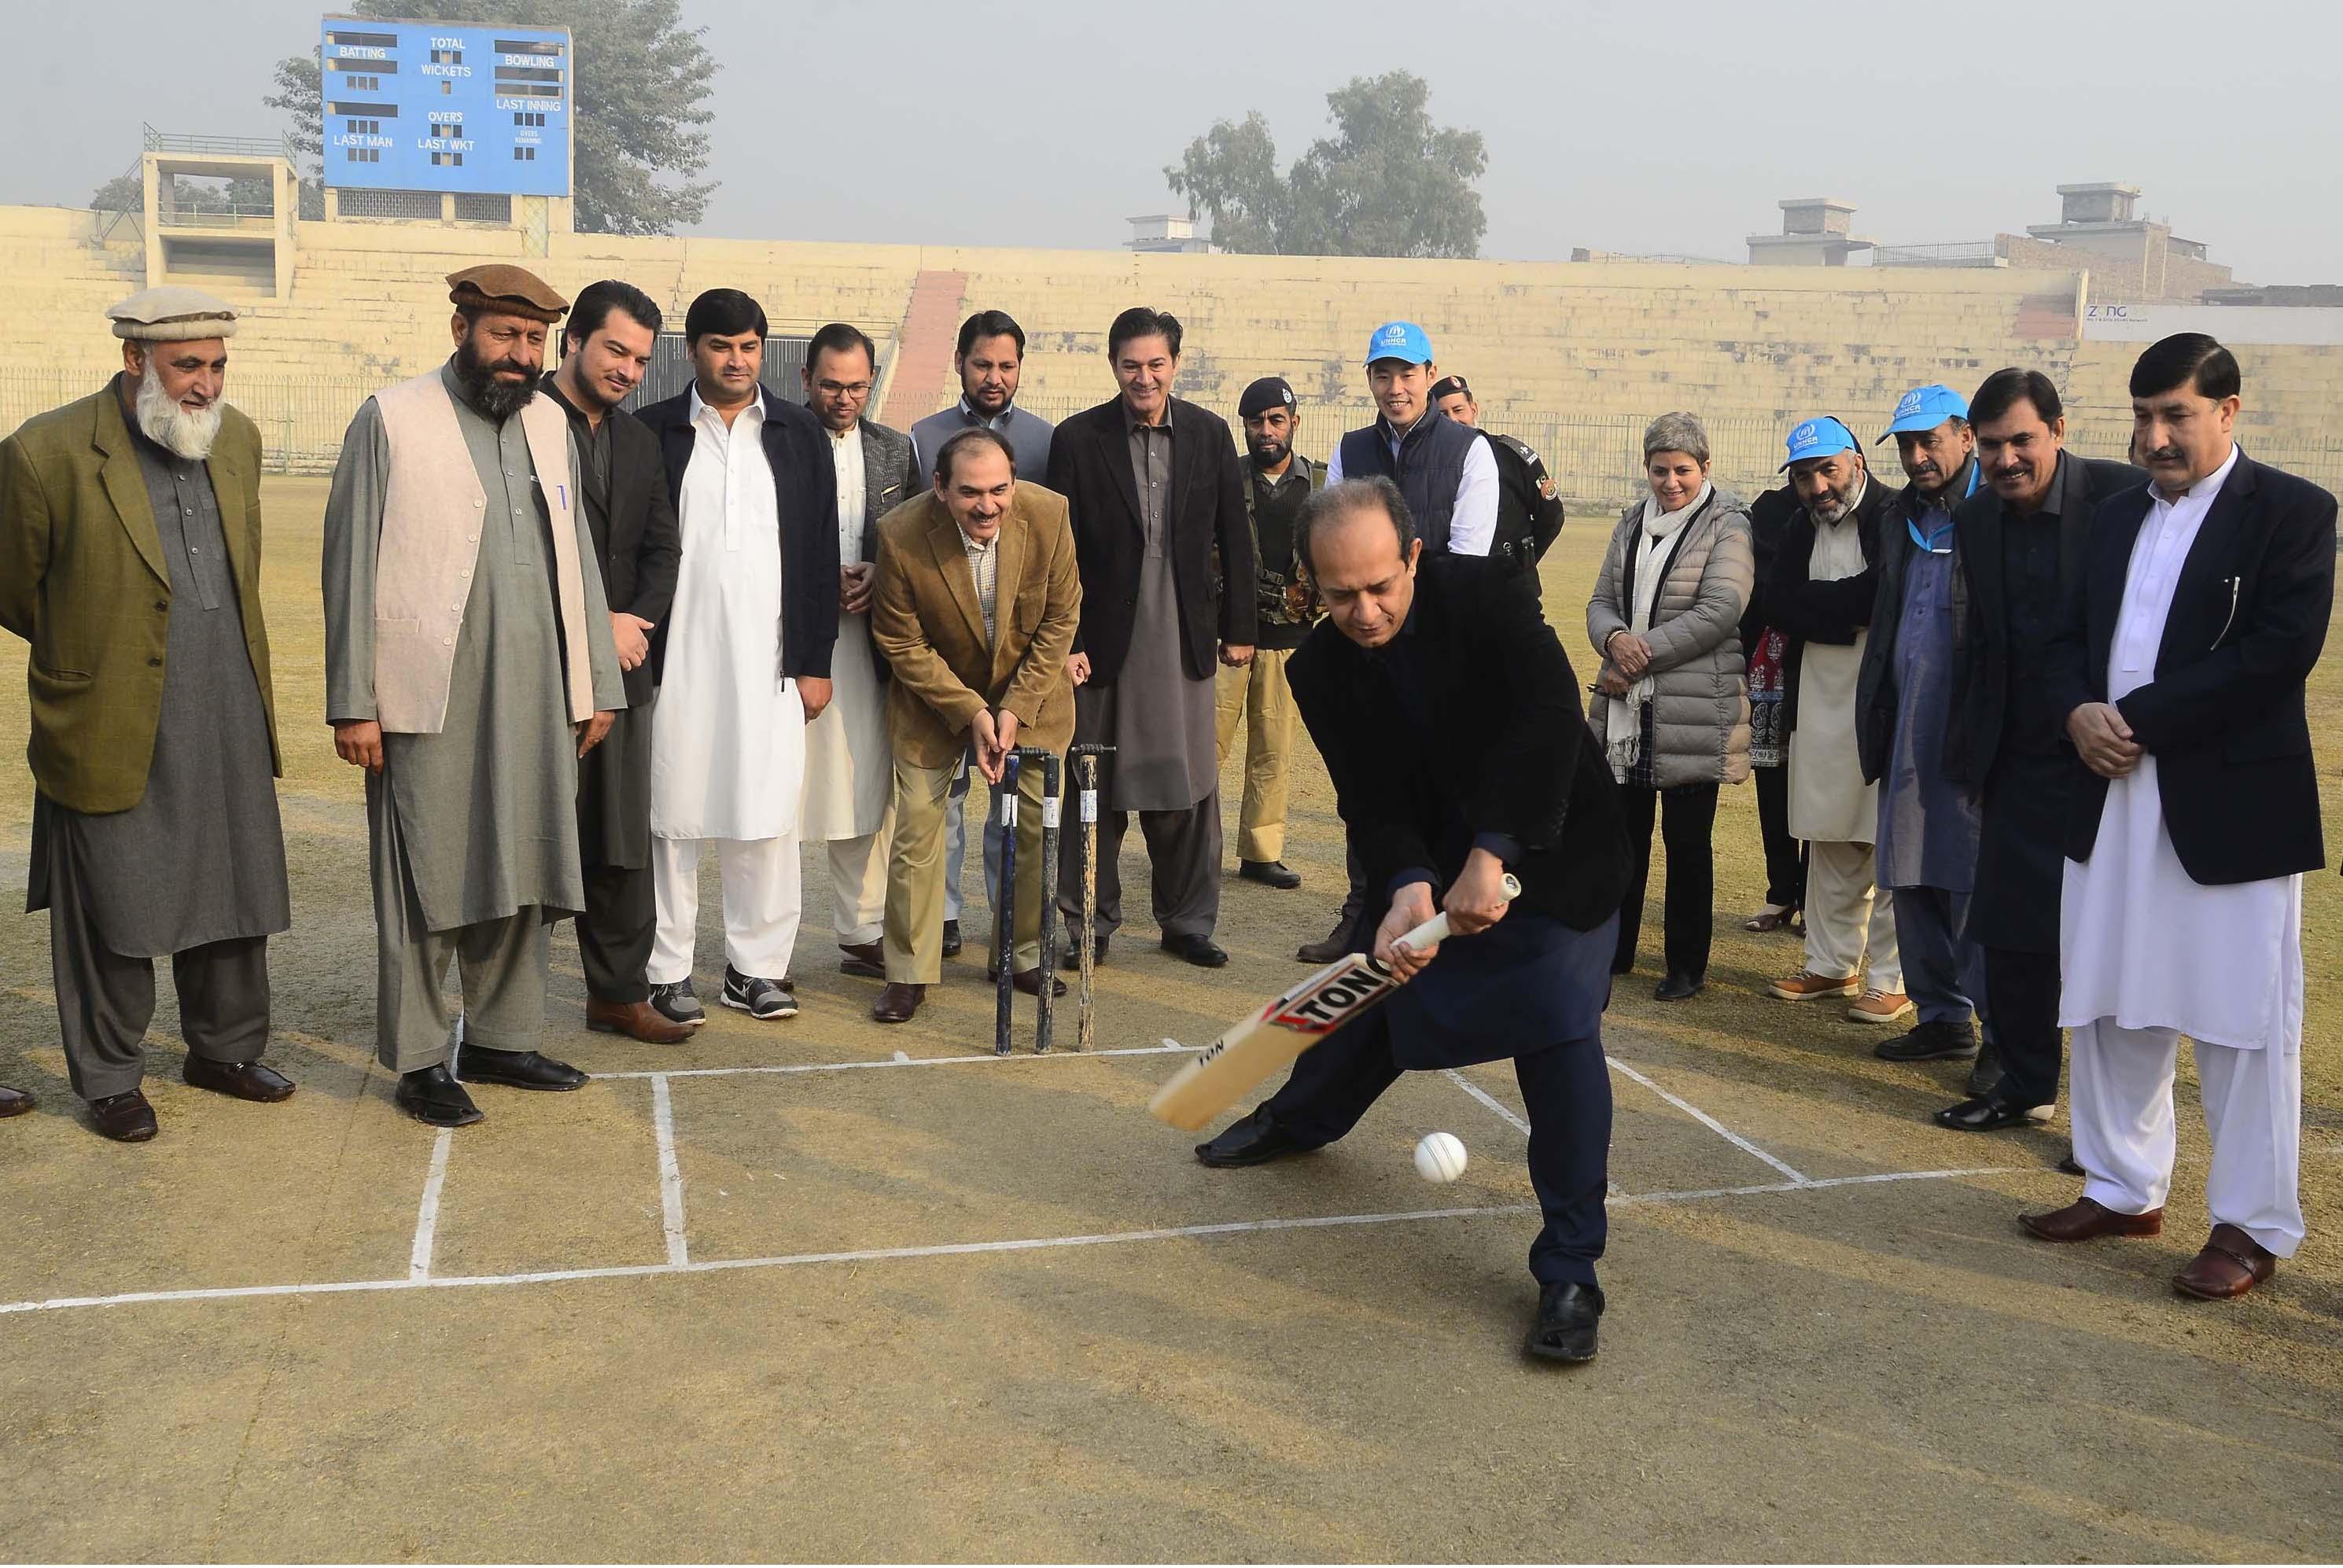 بیجا شده گان افغان در لیگ کریکت جدید پیشاور انگیزه تازه می یابند